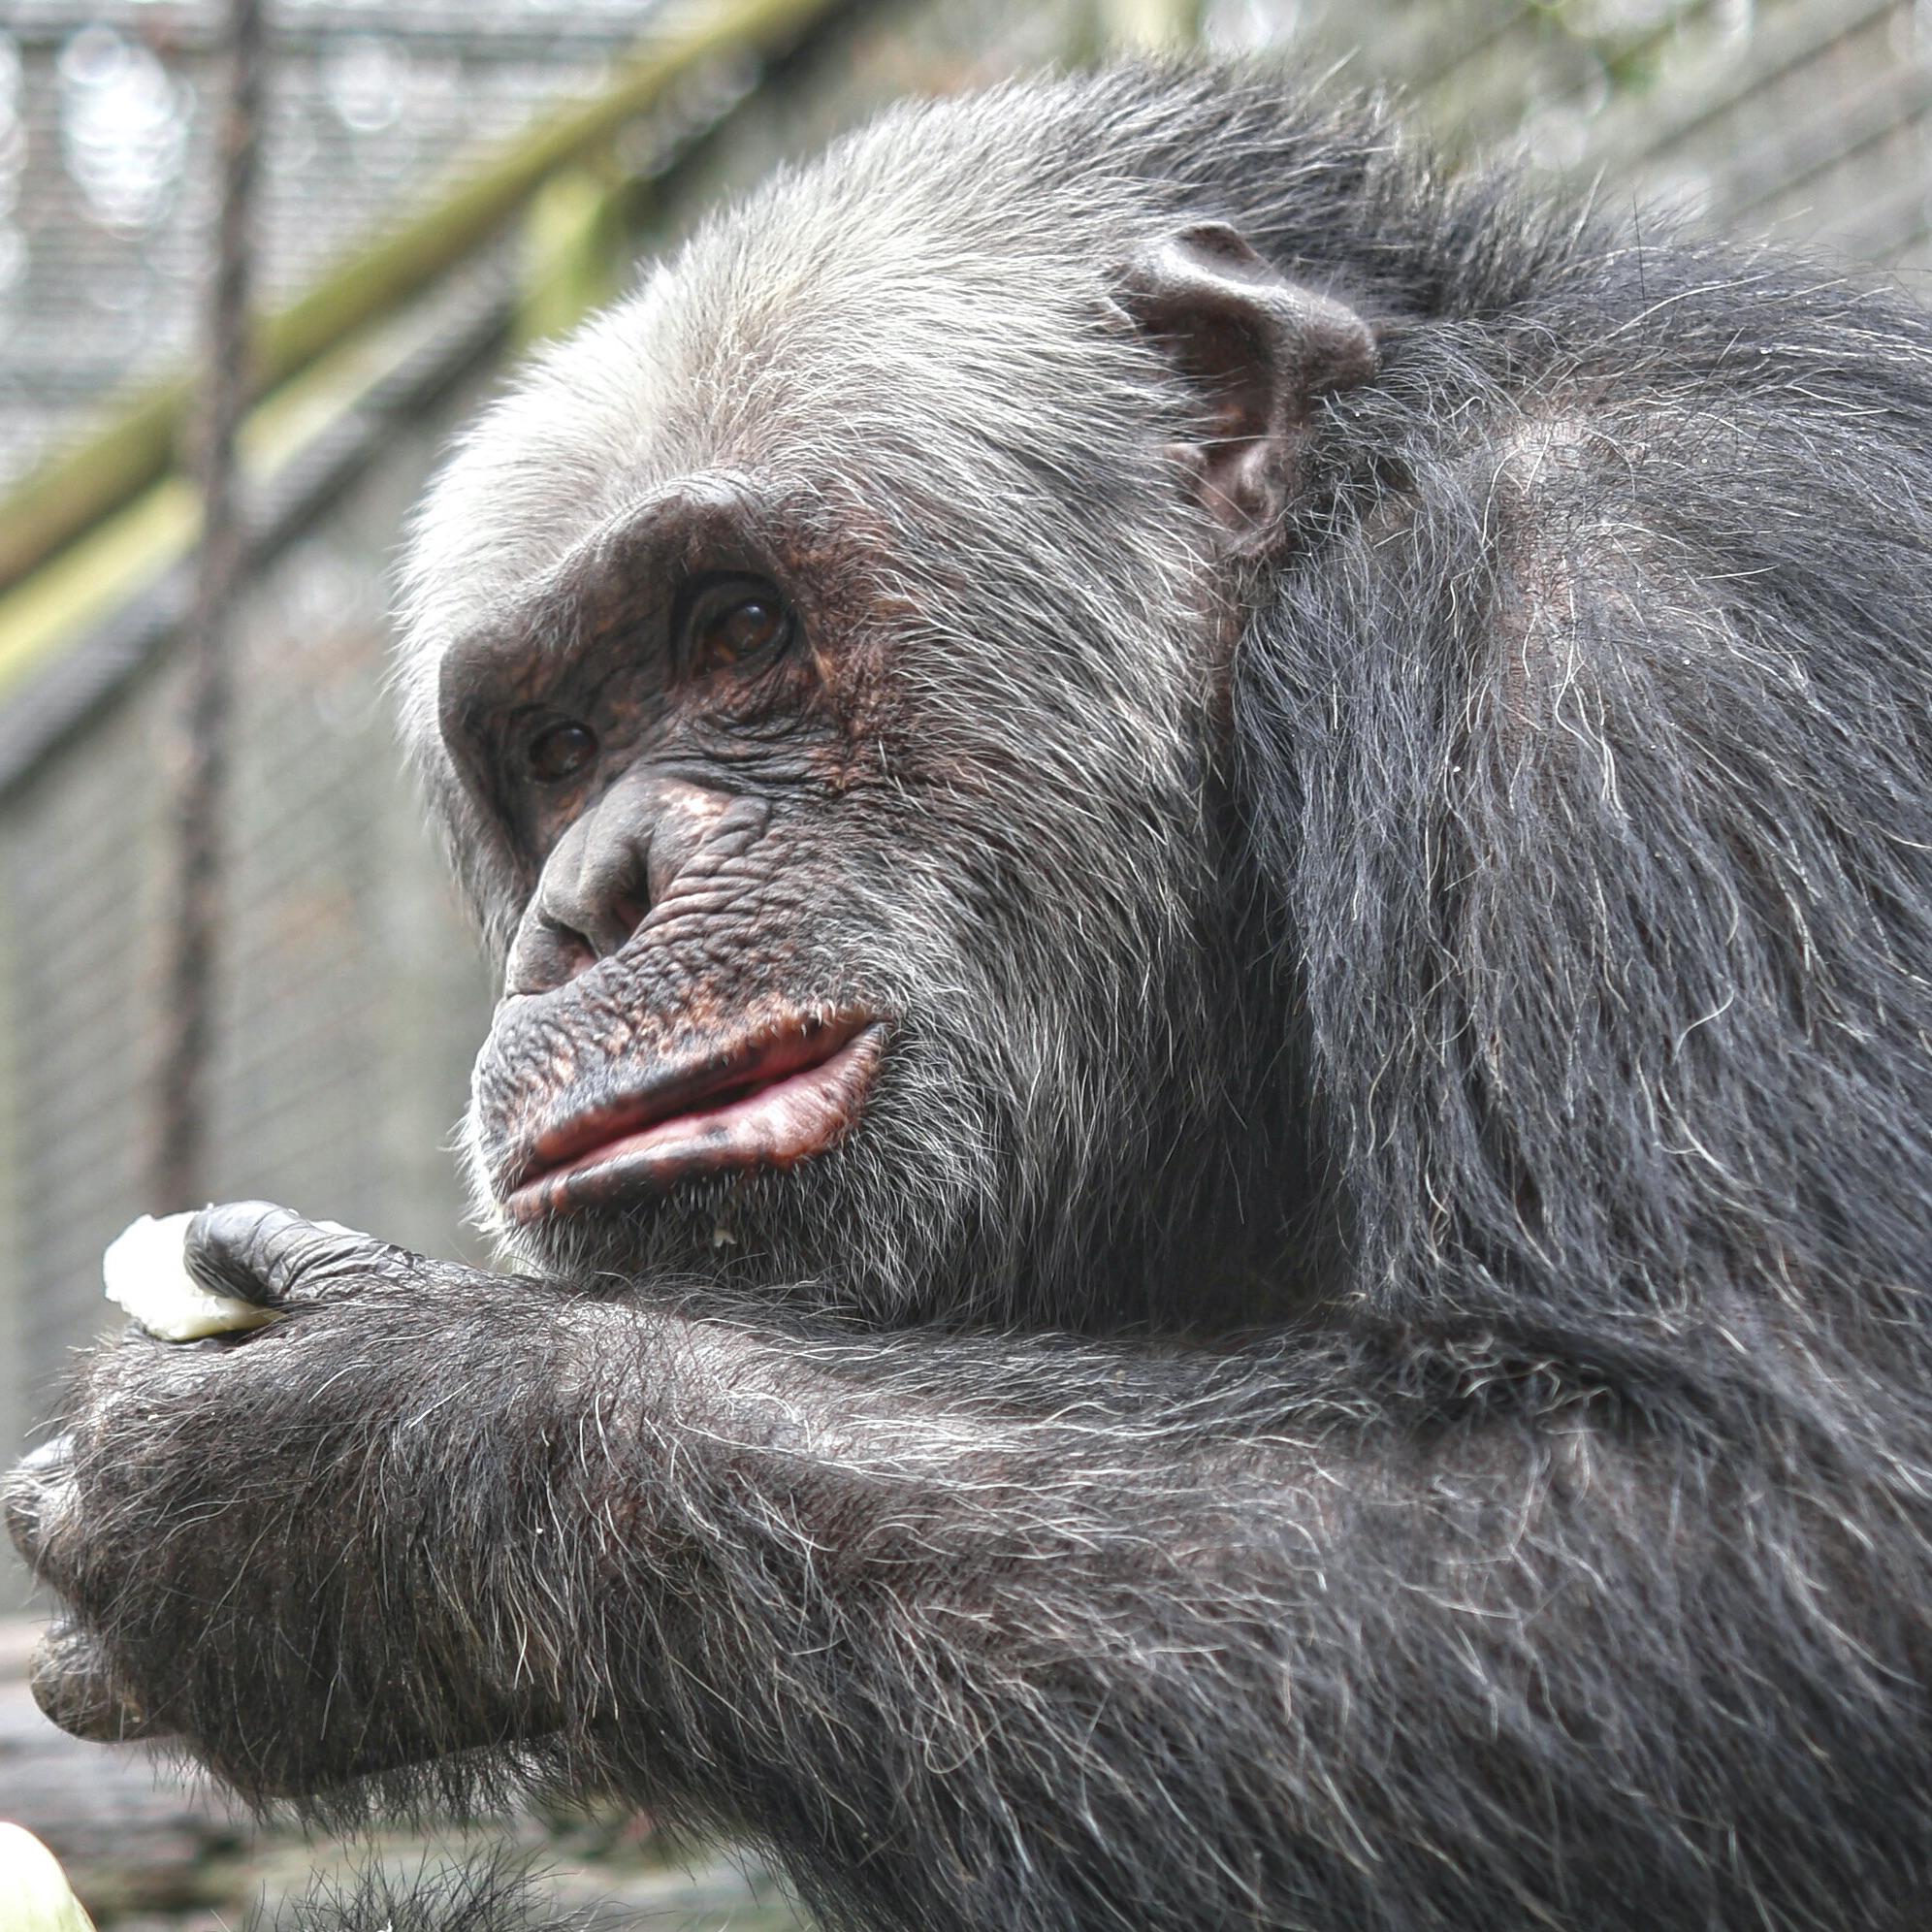 Fred, geboren 1988 im Leintalzoo, wuchs zunächst bei Familie Geßmann auf und wurde später perfekt in die Schimpansengruppe integriert.